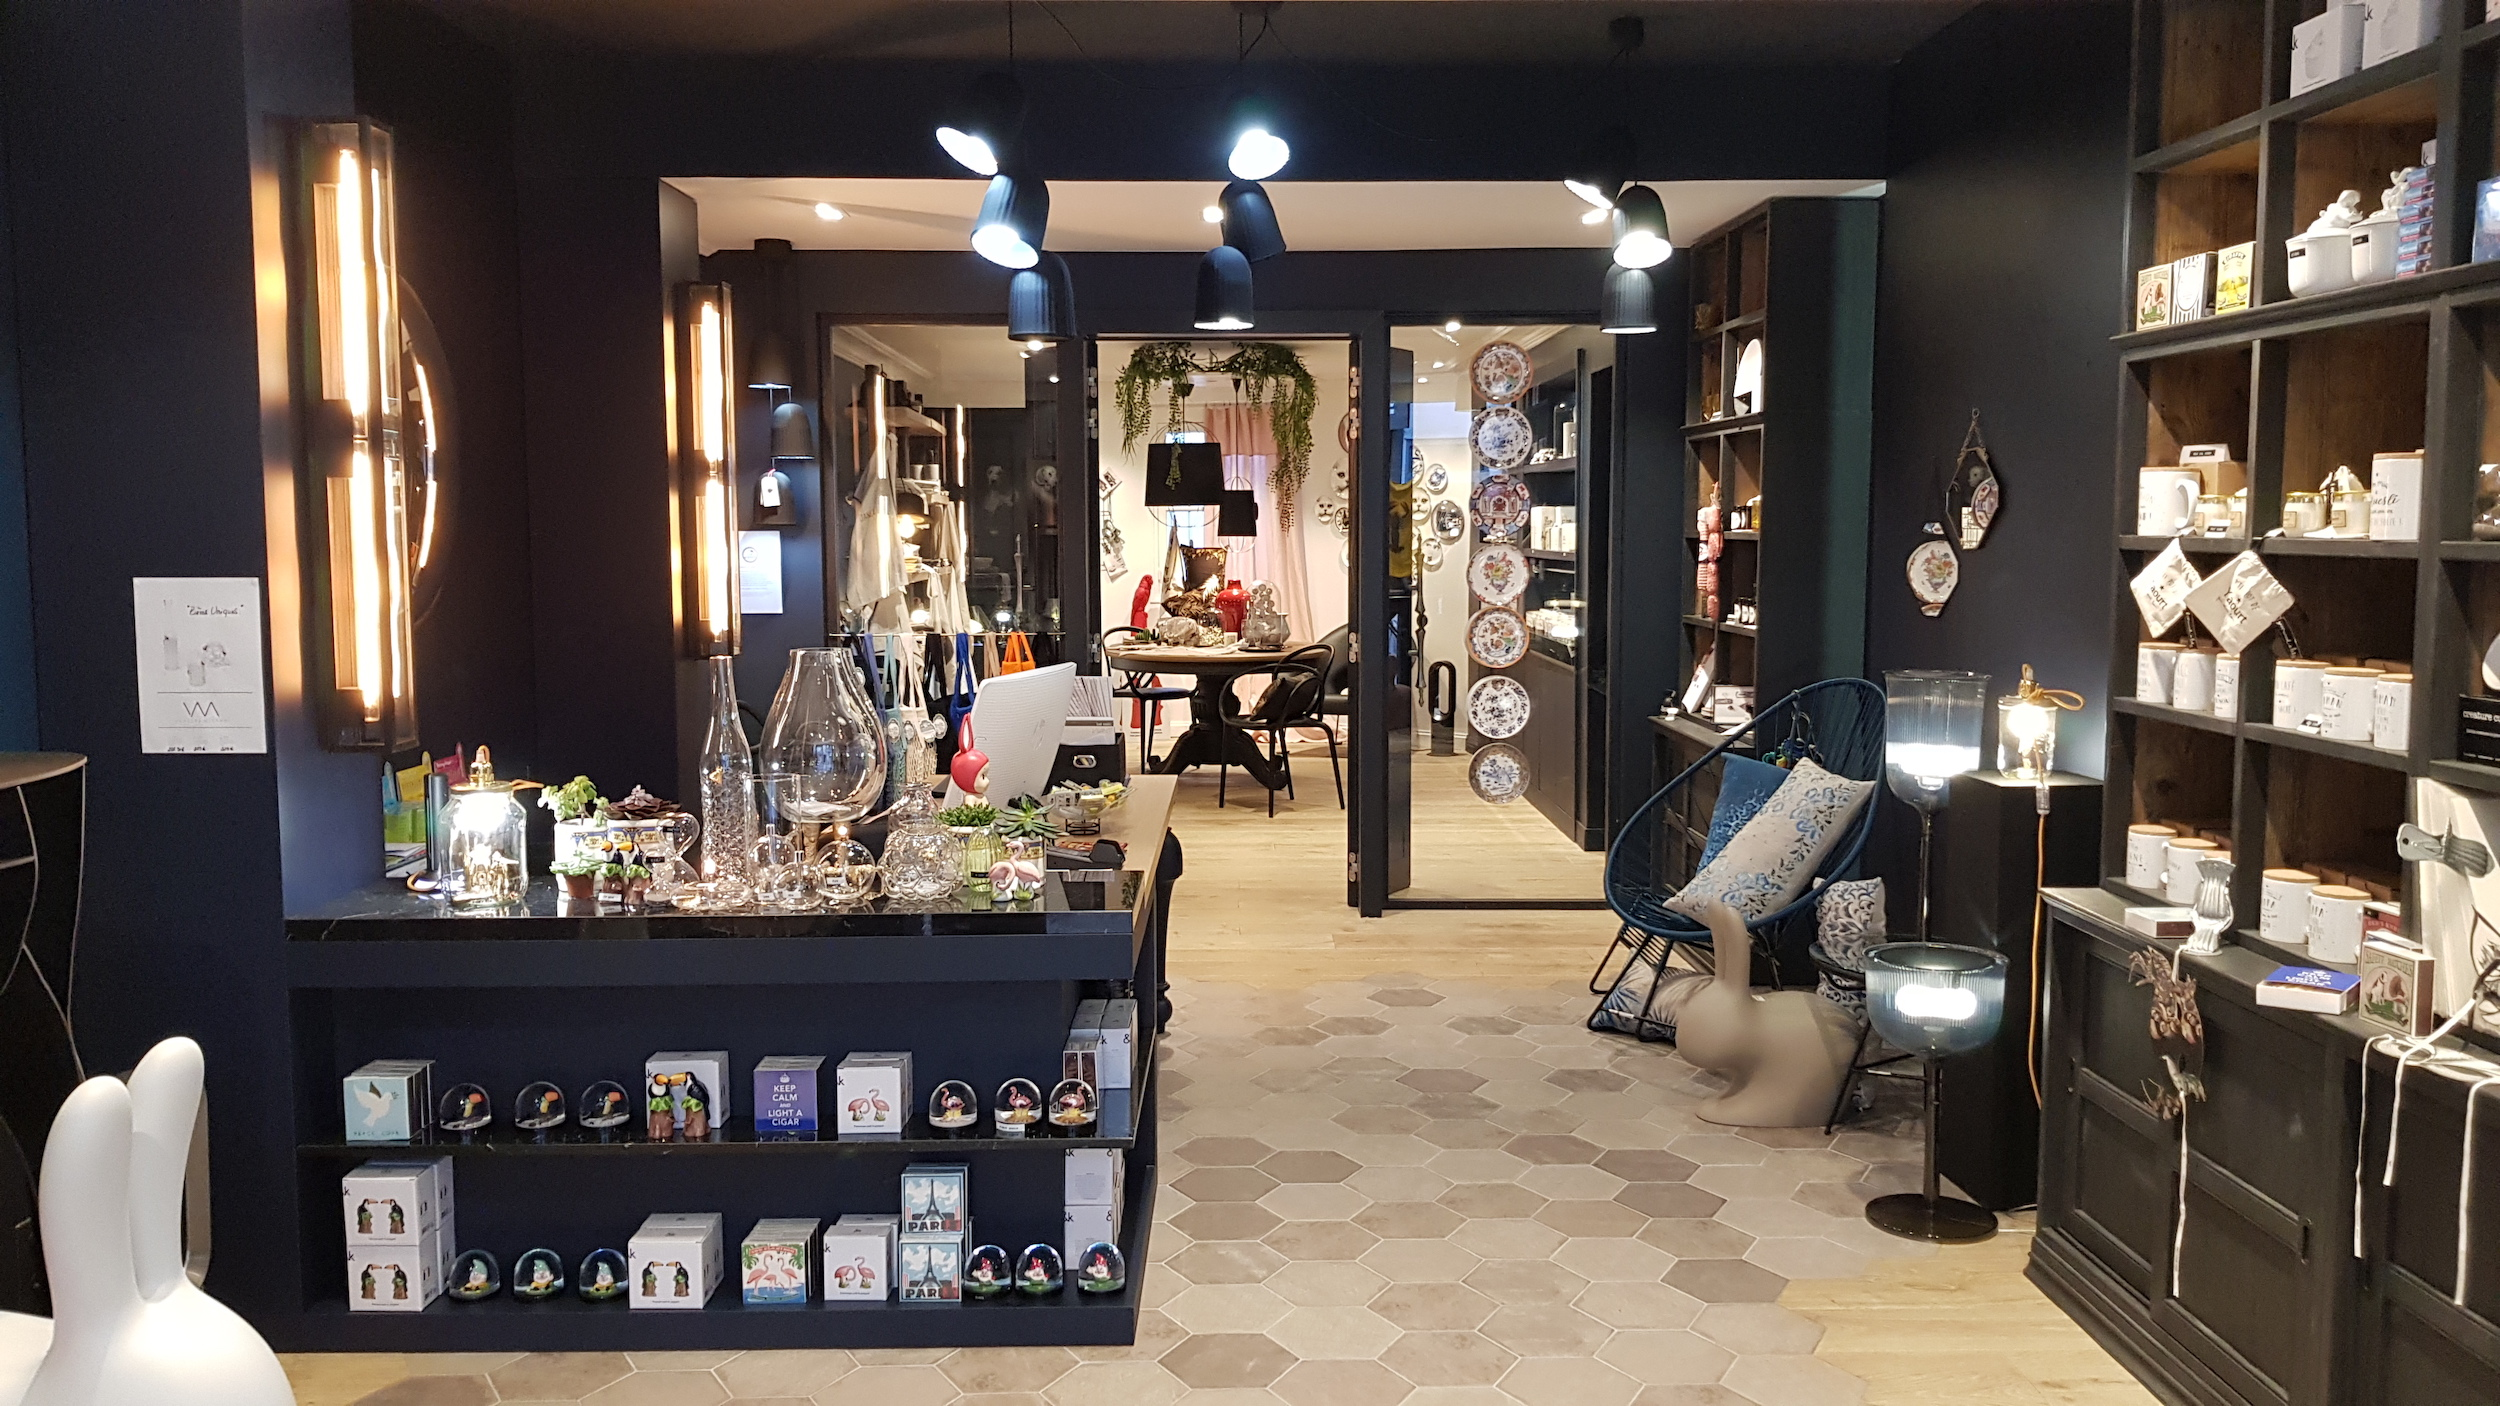 Renovation-boutique-lagny-decoration-77-large-1-original